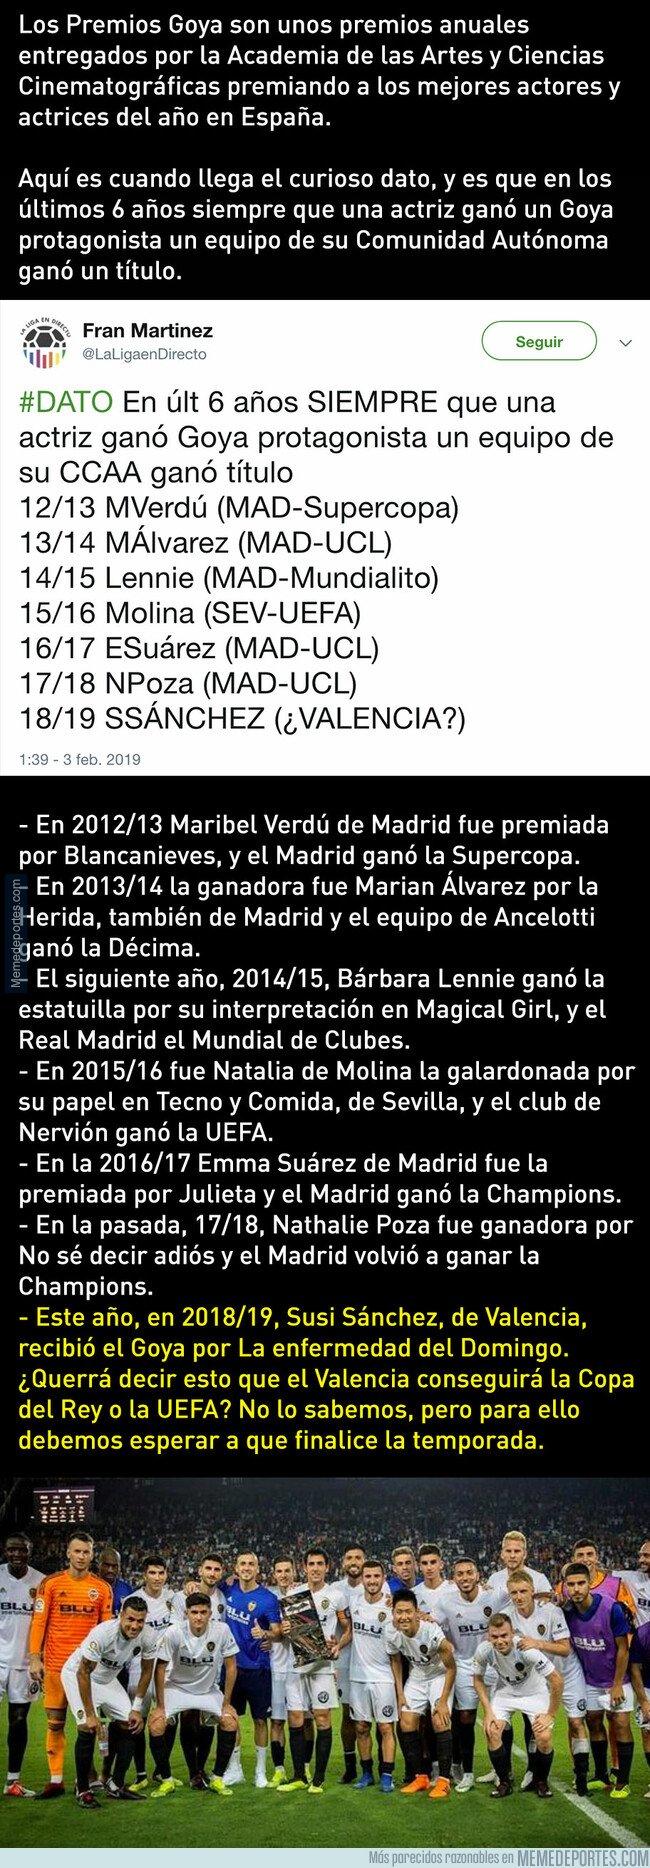 1063450 - Cuidado, según esta profecía de los Goya, el Valencia ganará la Copa del Rey o la Europa League